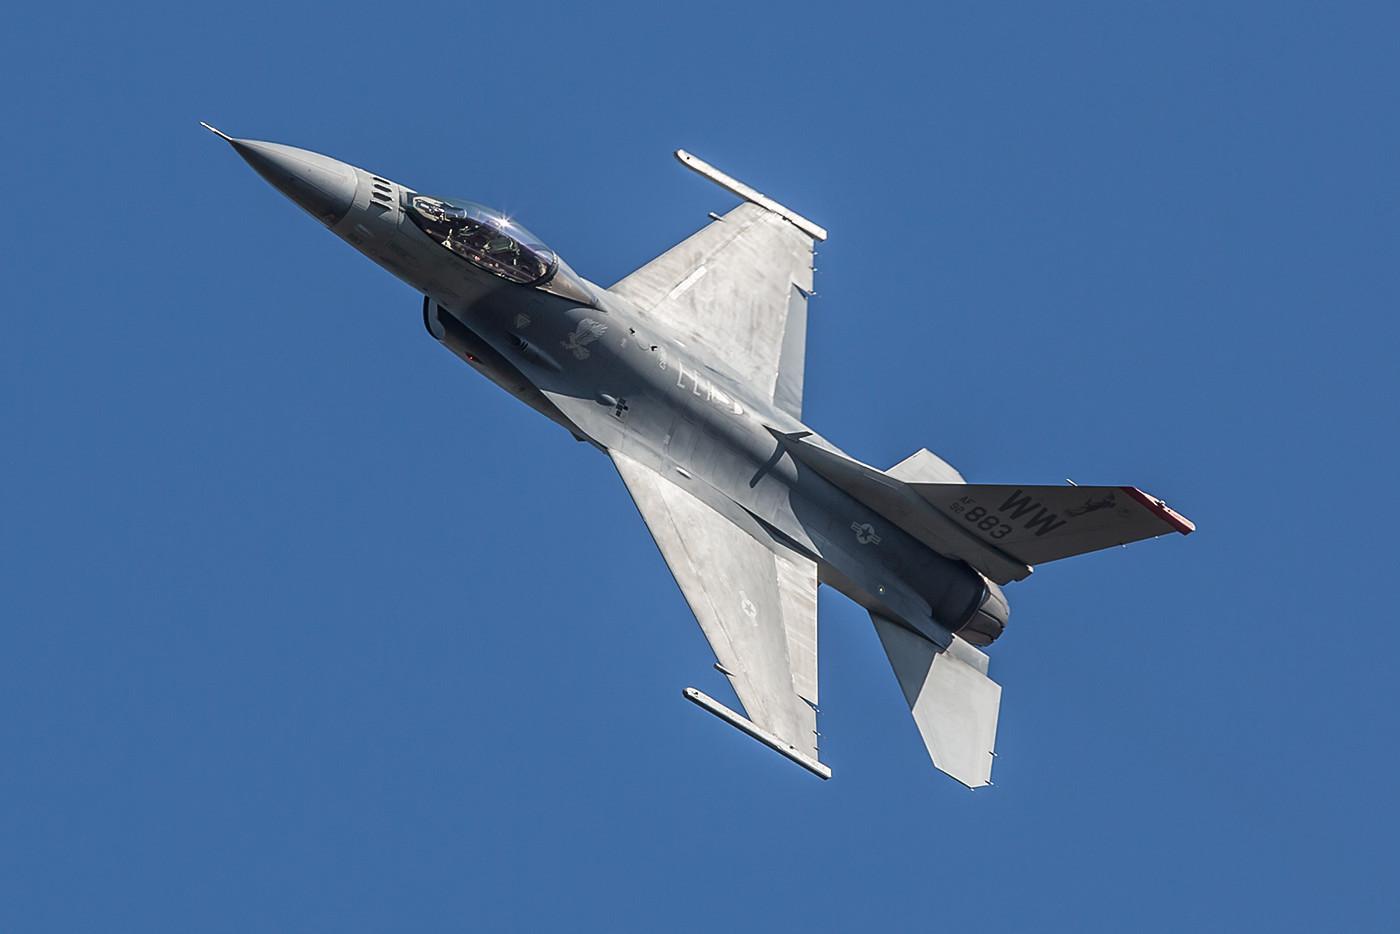 F-16 Solodisplay der USAF aus Misawa. Wenn man die europäischen F-16 Vorführungen kennt, ist es wenig spektakulär.